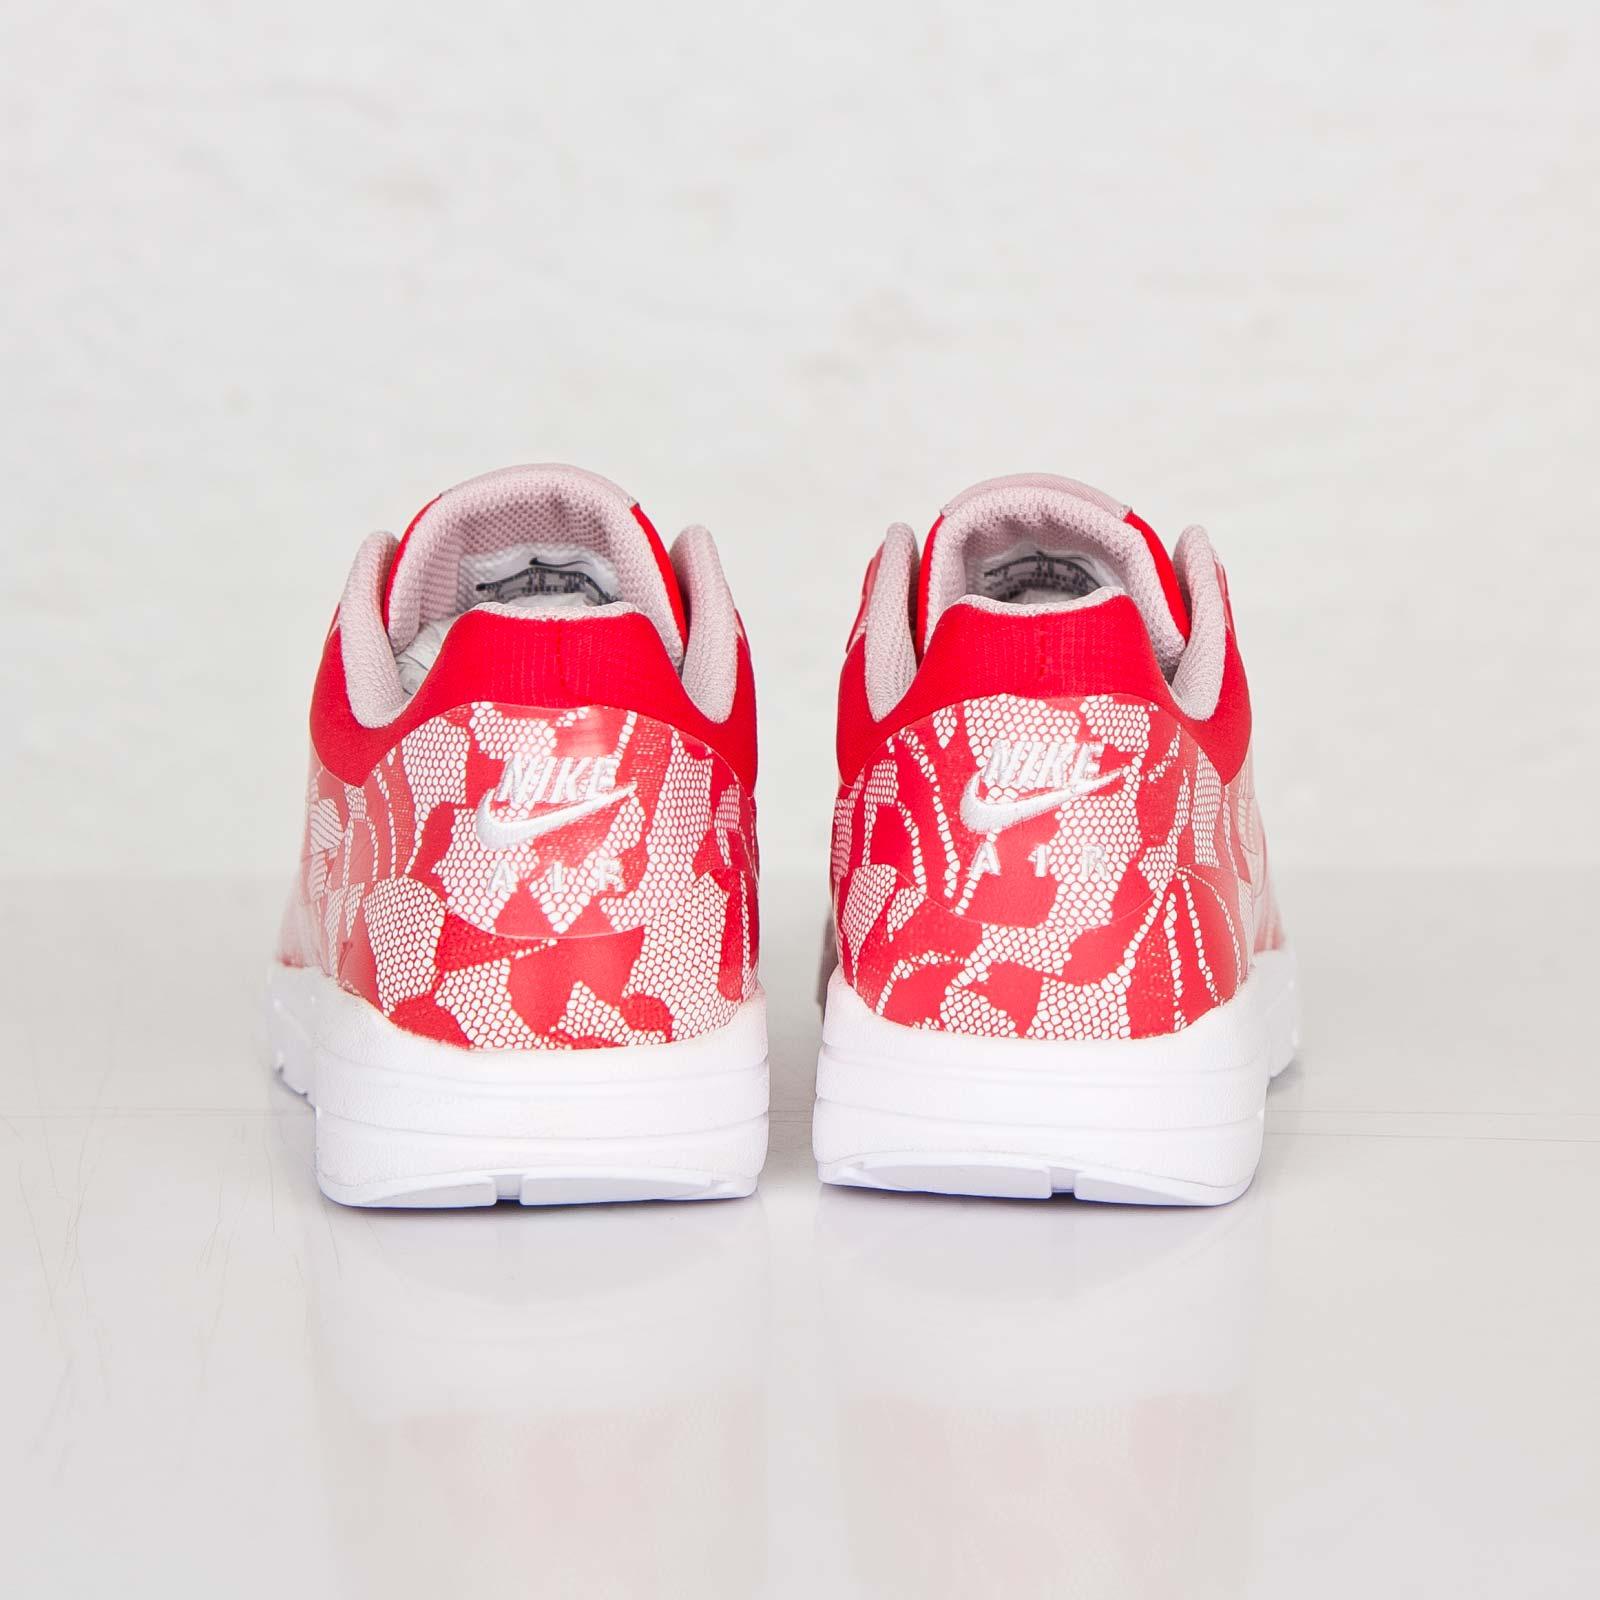 d294350de464c Nike Wmns Air Max 1 Ultra SP - 789564-661 - Sneakersnstuff ...